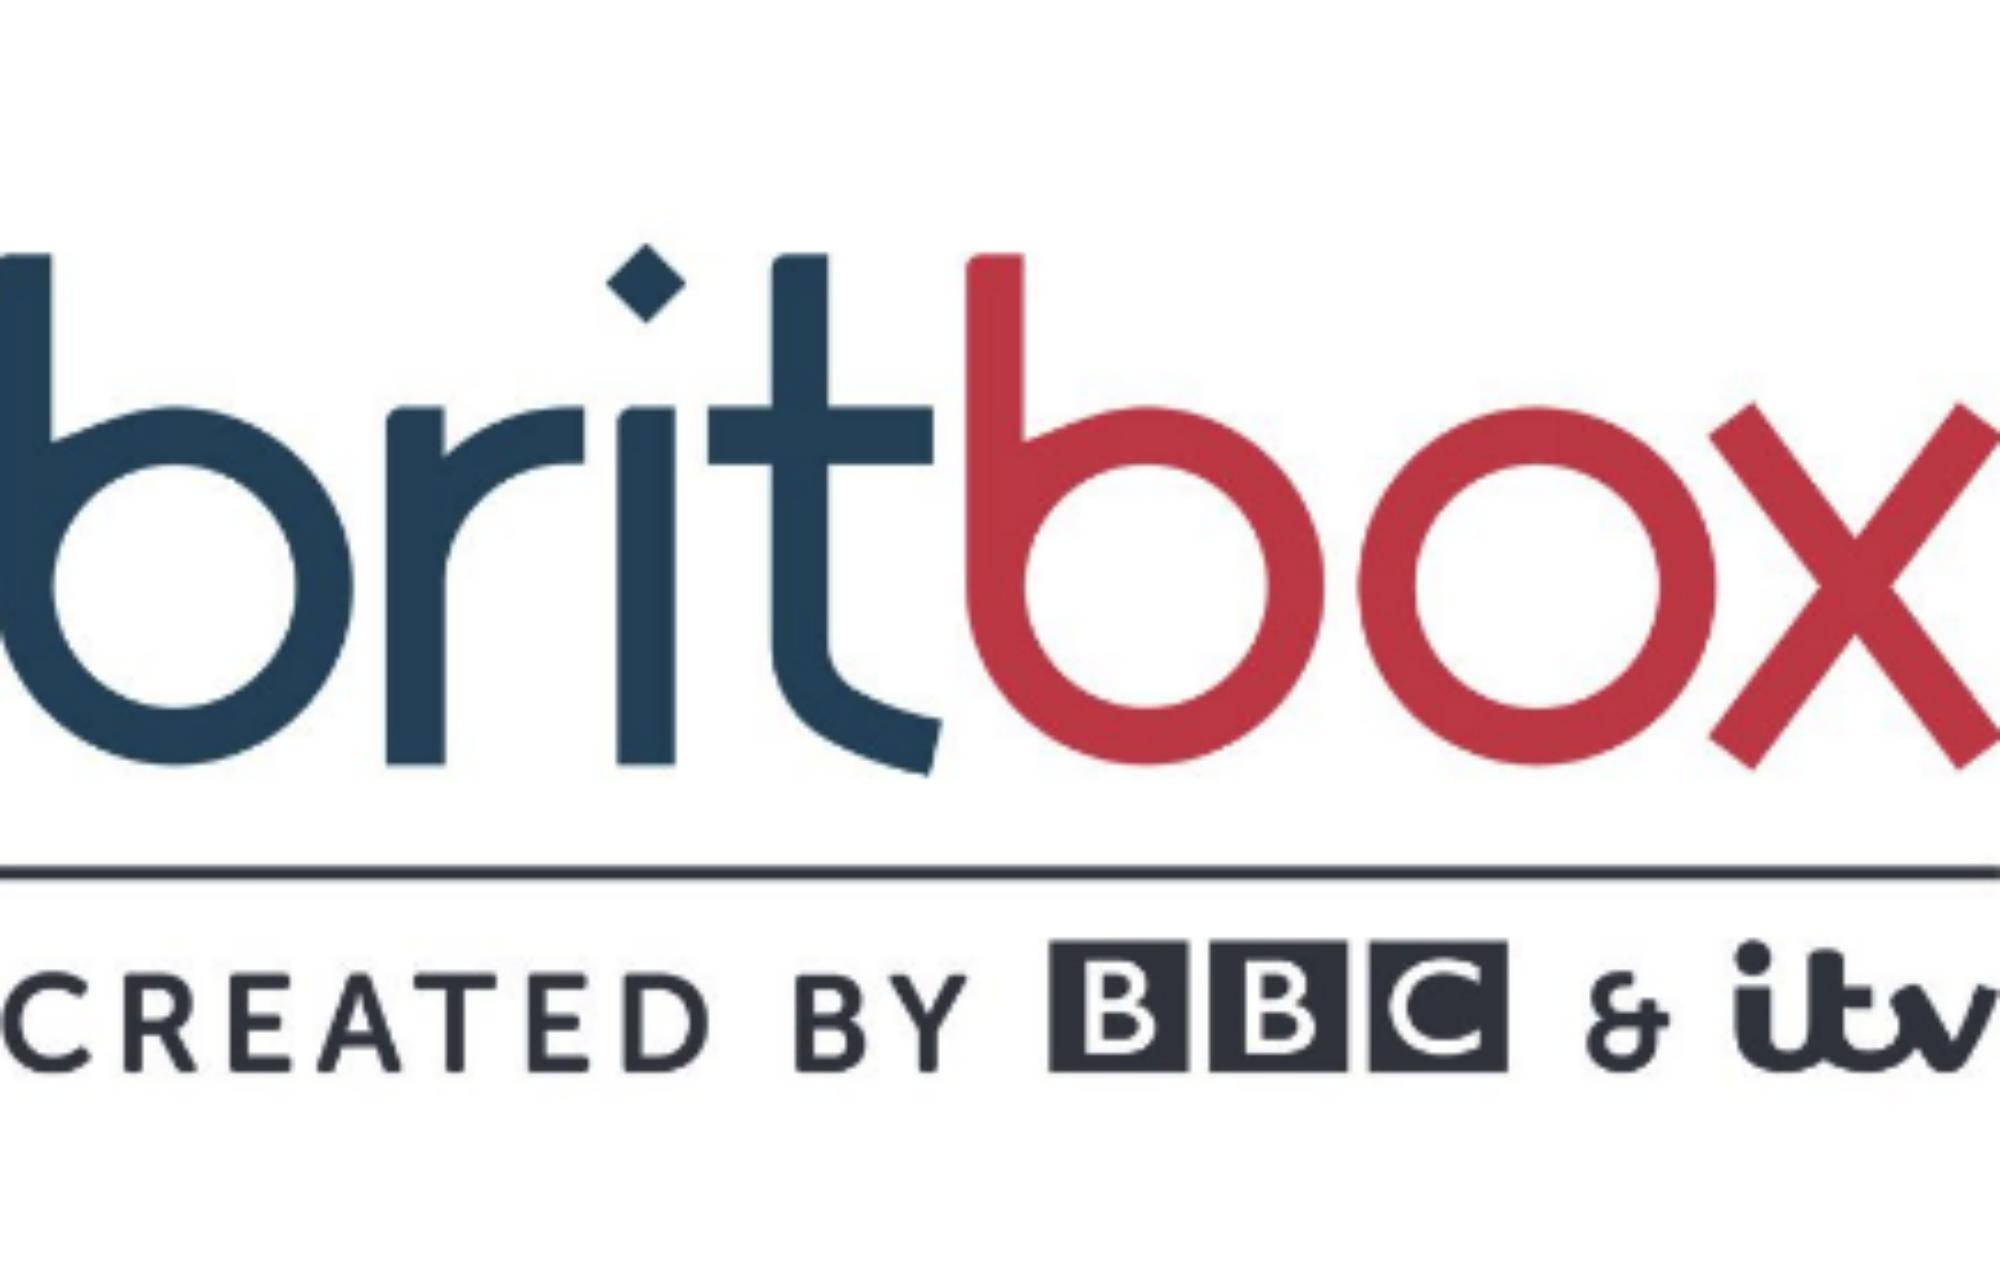 BritBox